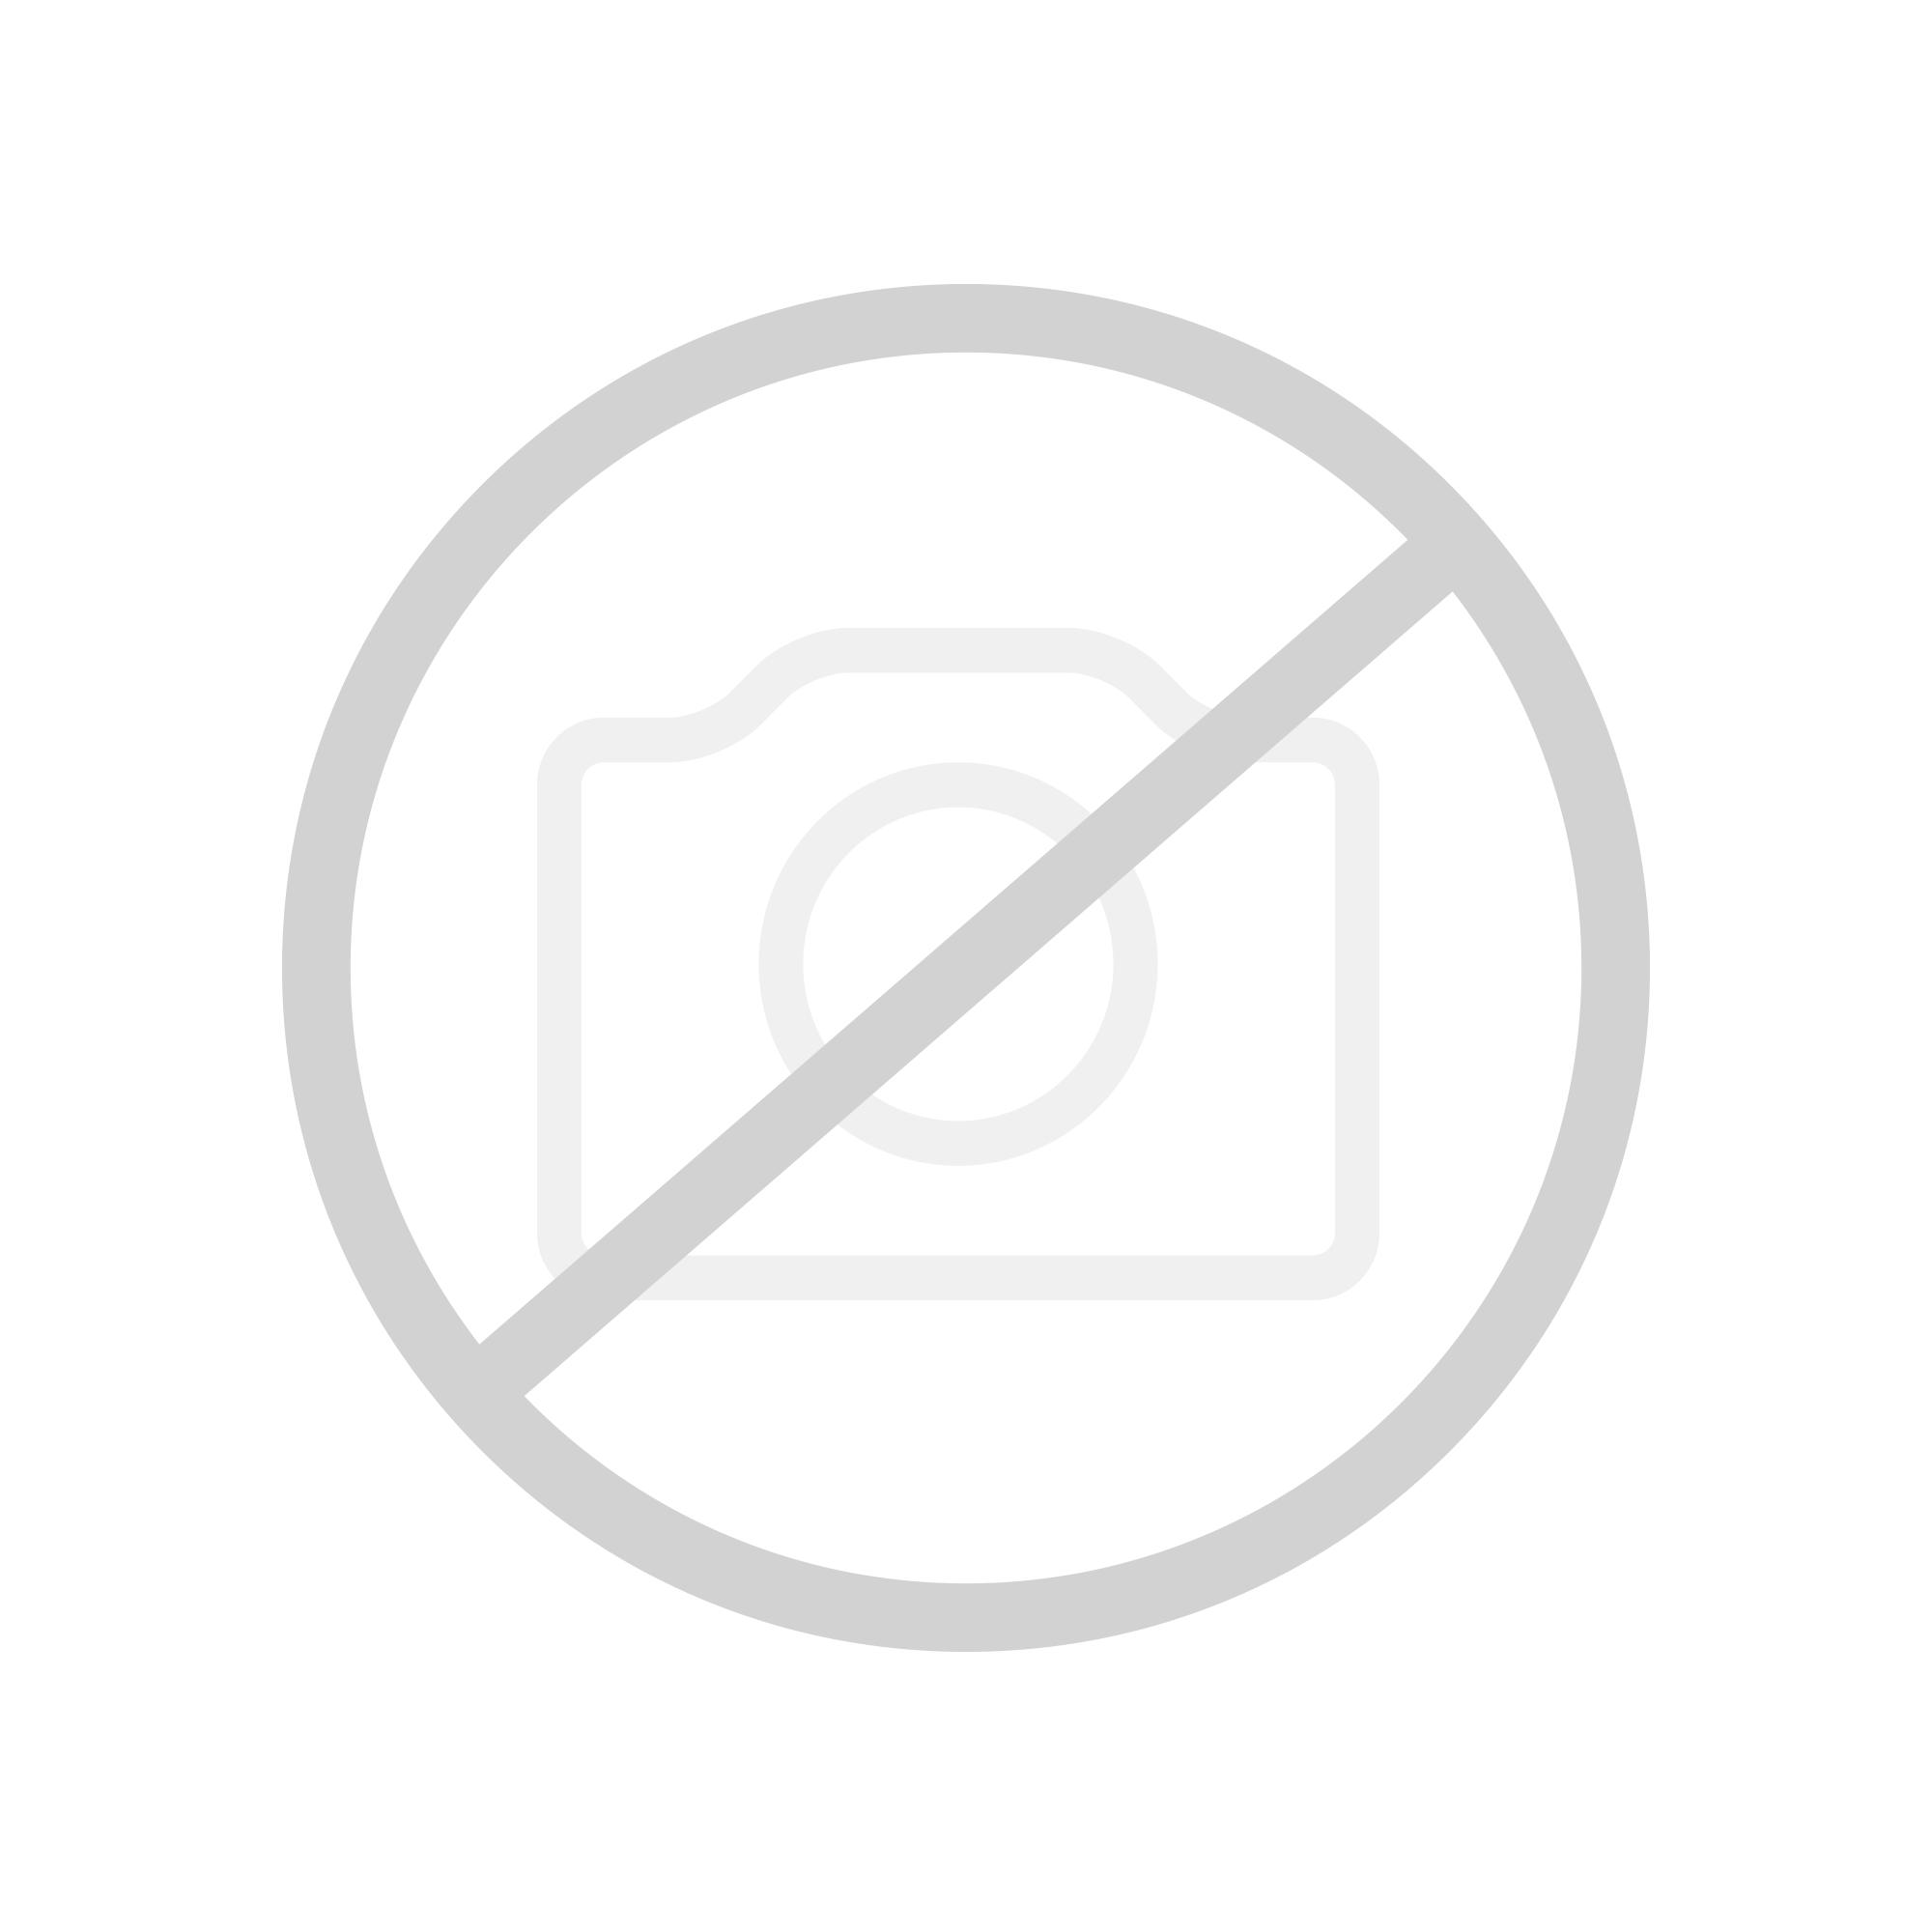 antoniolupi Ayati AY922 Wandauslauf für Becken Ausladung 250 mm für Unterputz edelstahl satiniert